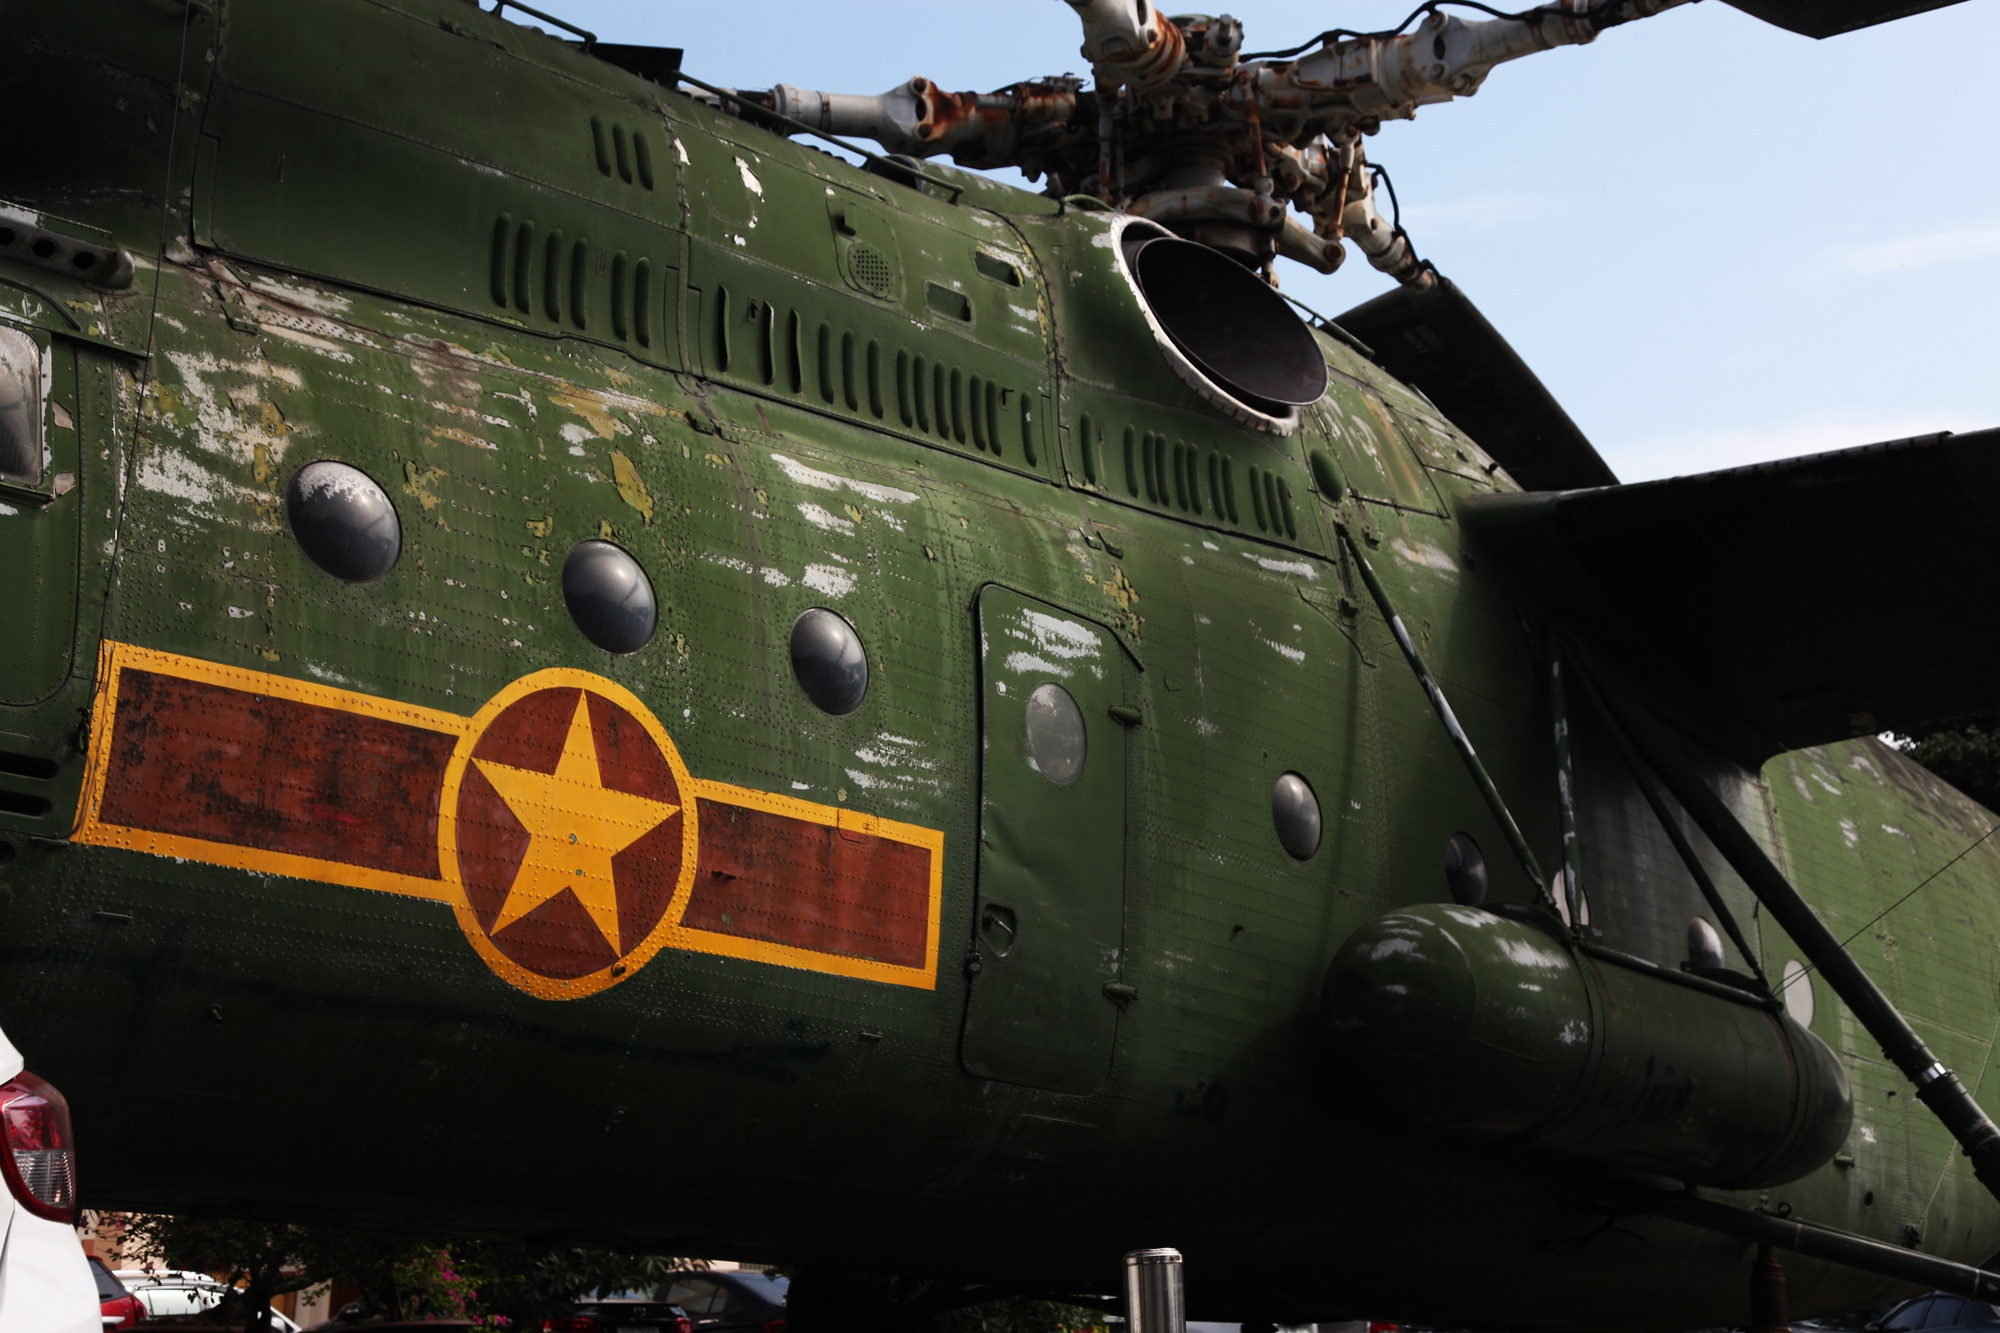 Cận cảnh trực thăng khổng lồ huyền thoại của Không quân Việt Nam - 13